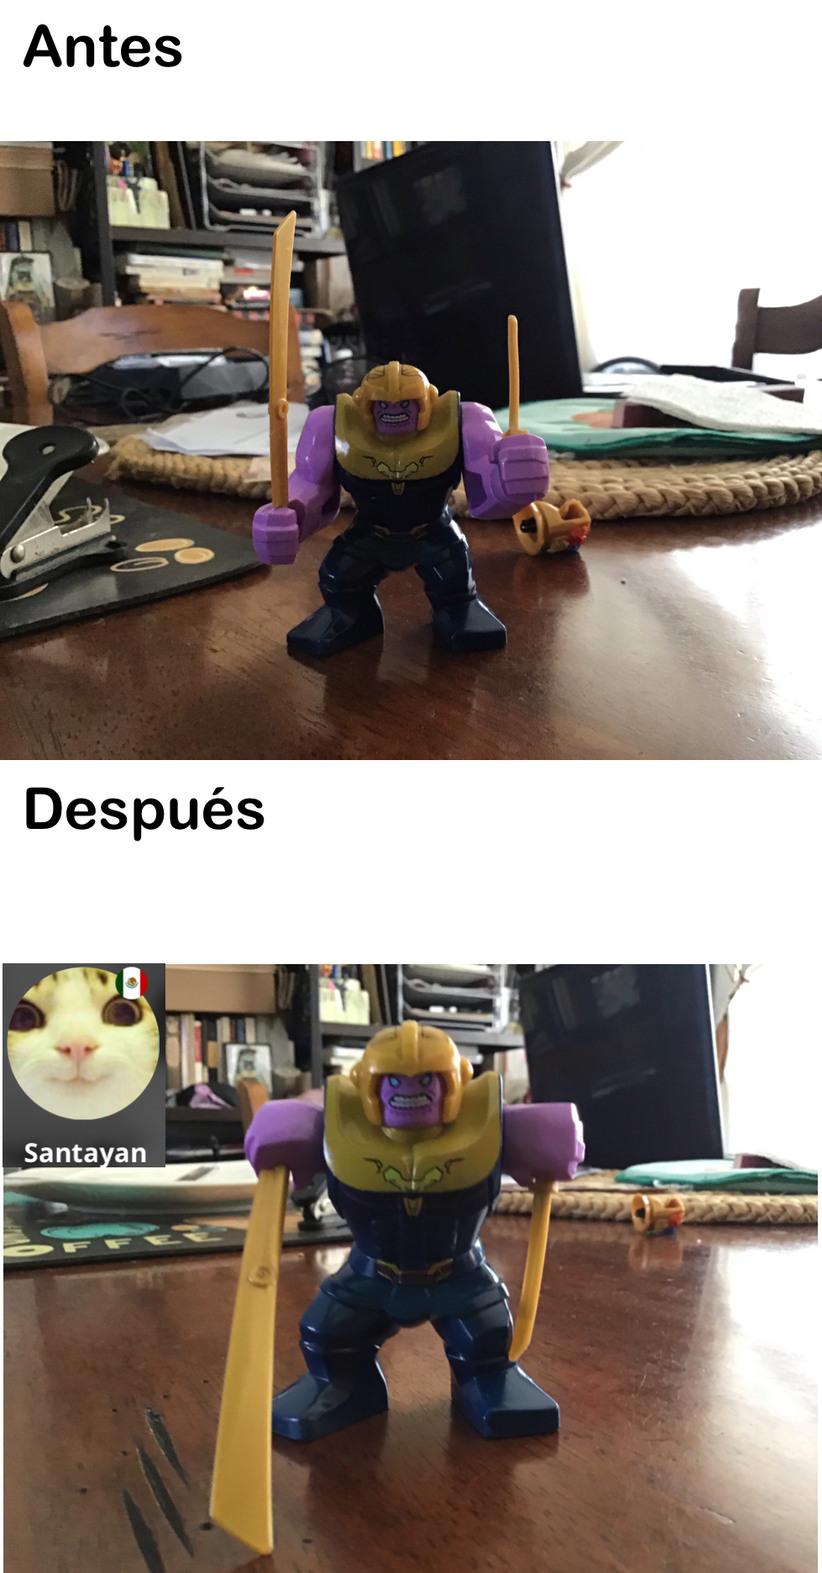 Es thanos de lego - meme